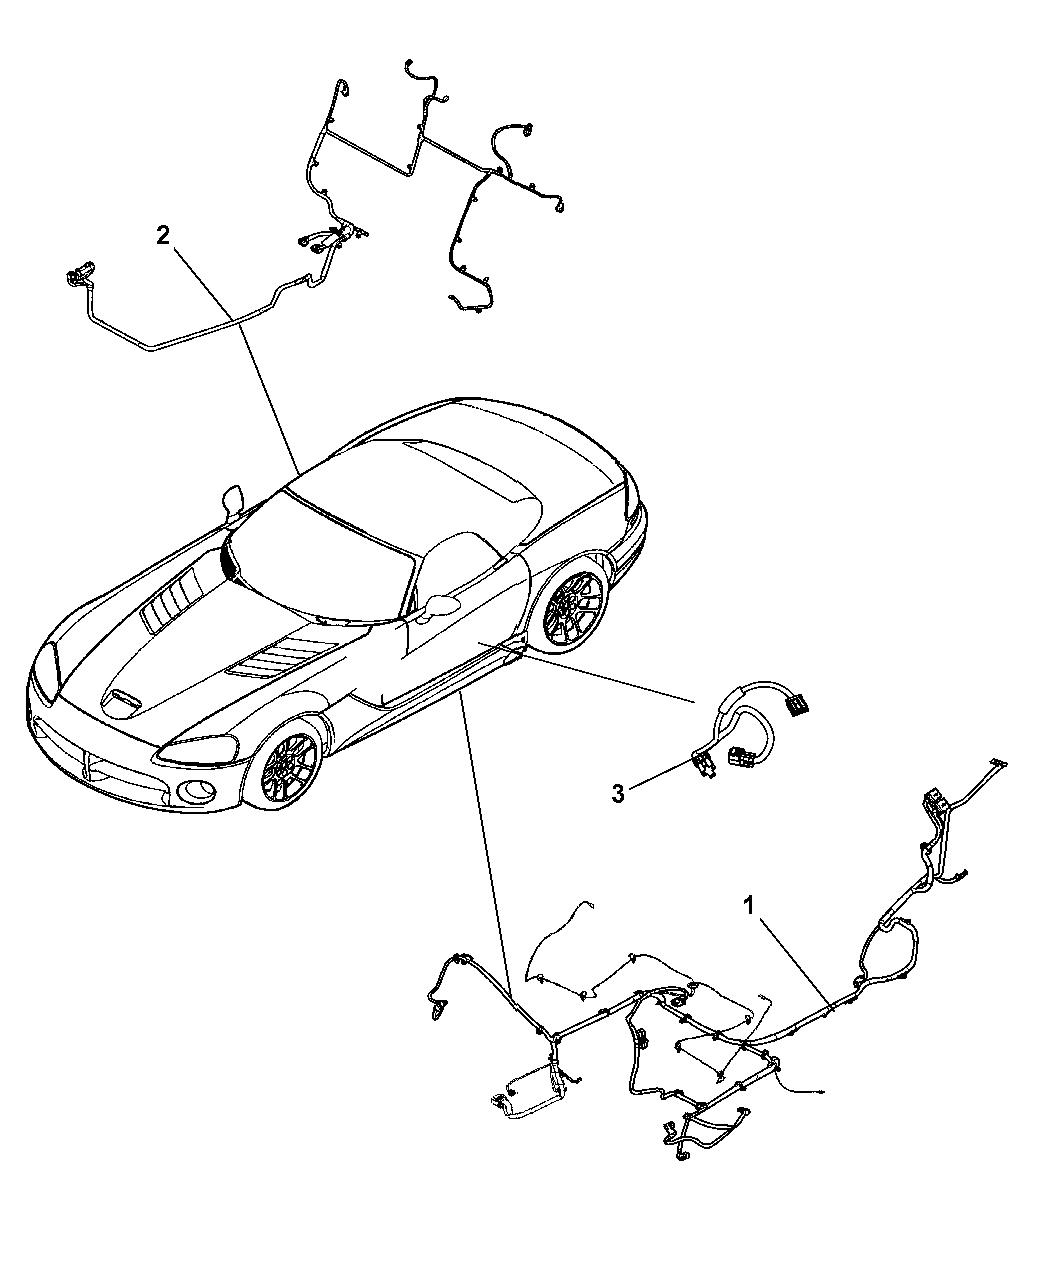 wiring diagram for 1995 dodge viper 5030736ad - genuine mopar wiring-underbody trailer 7 pole wiring diagram for 1995 gmc 1500